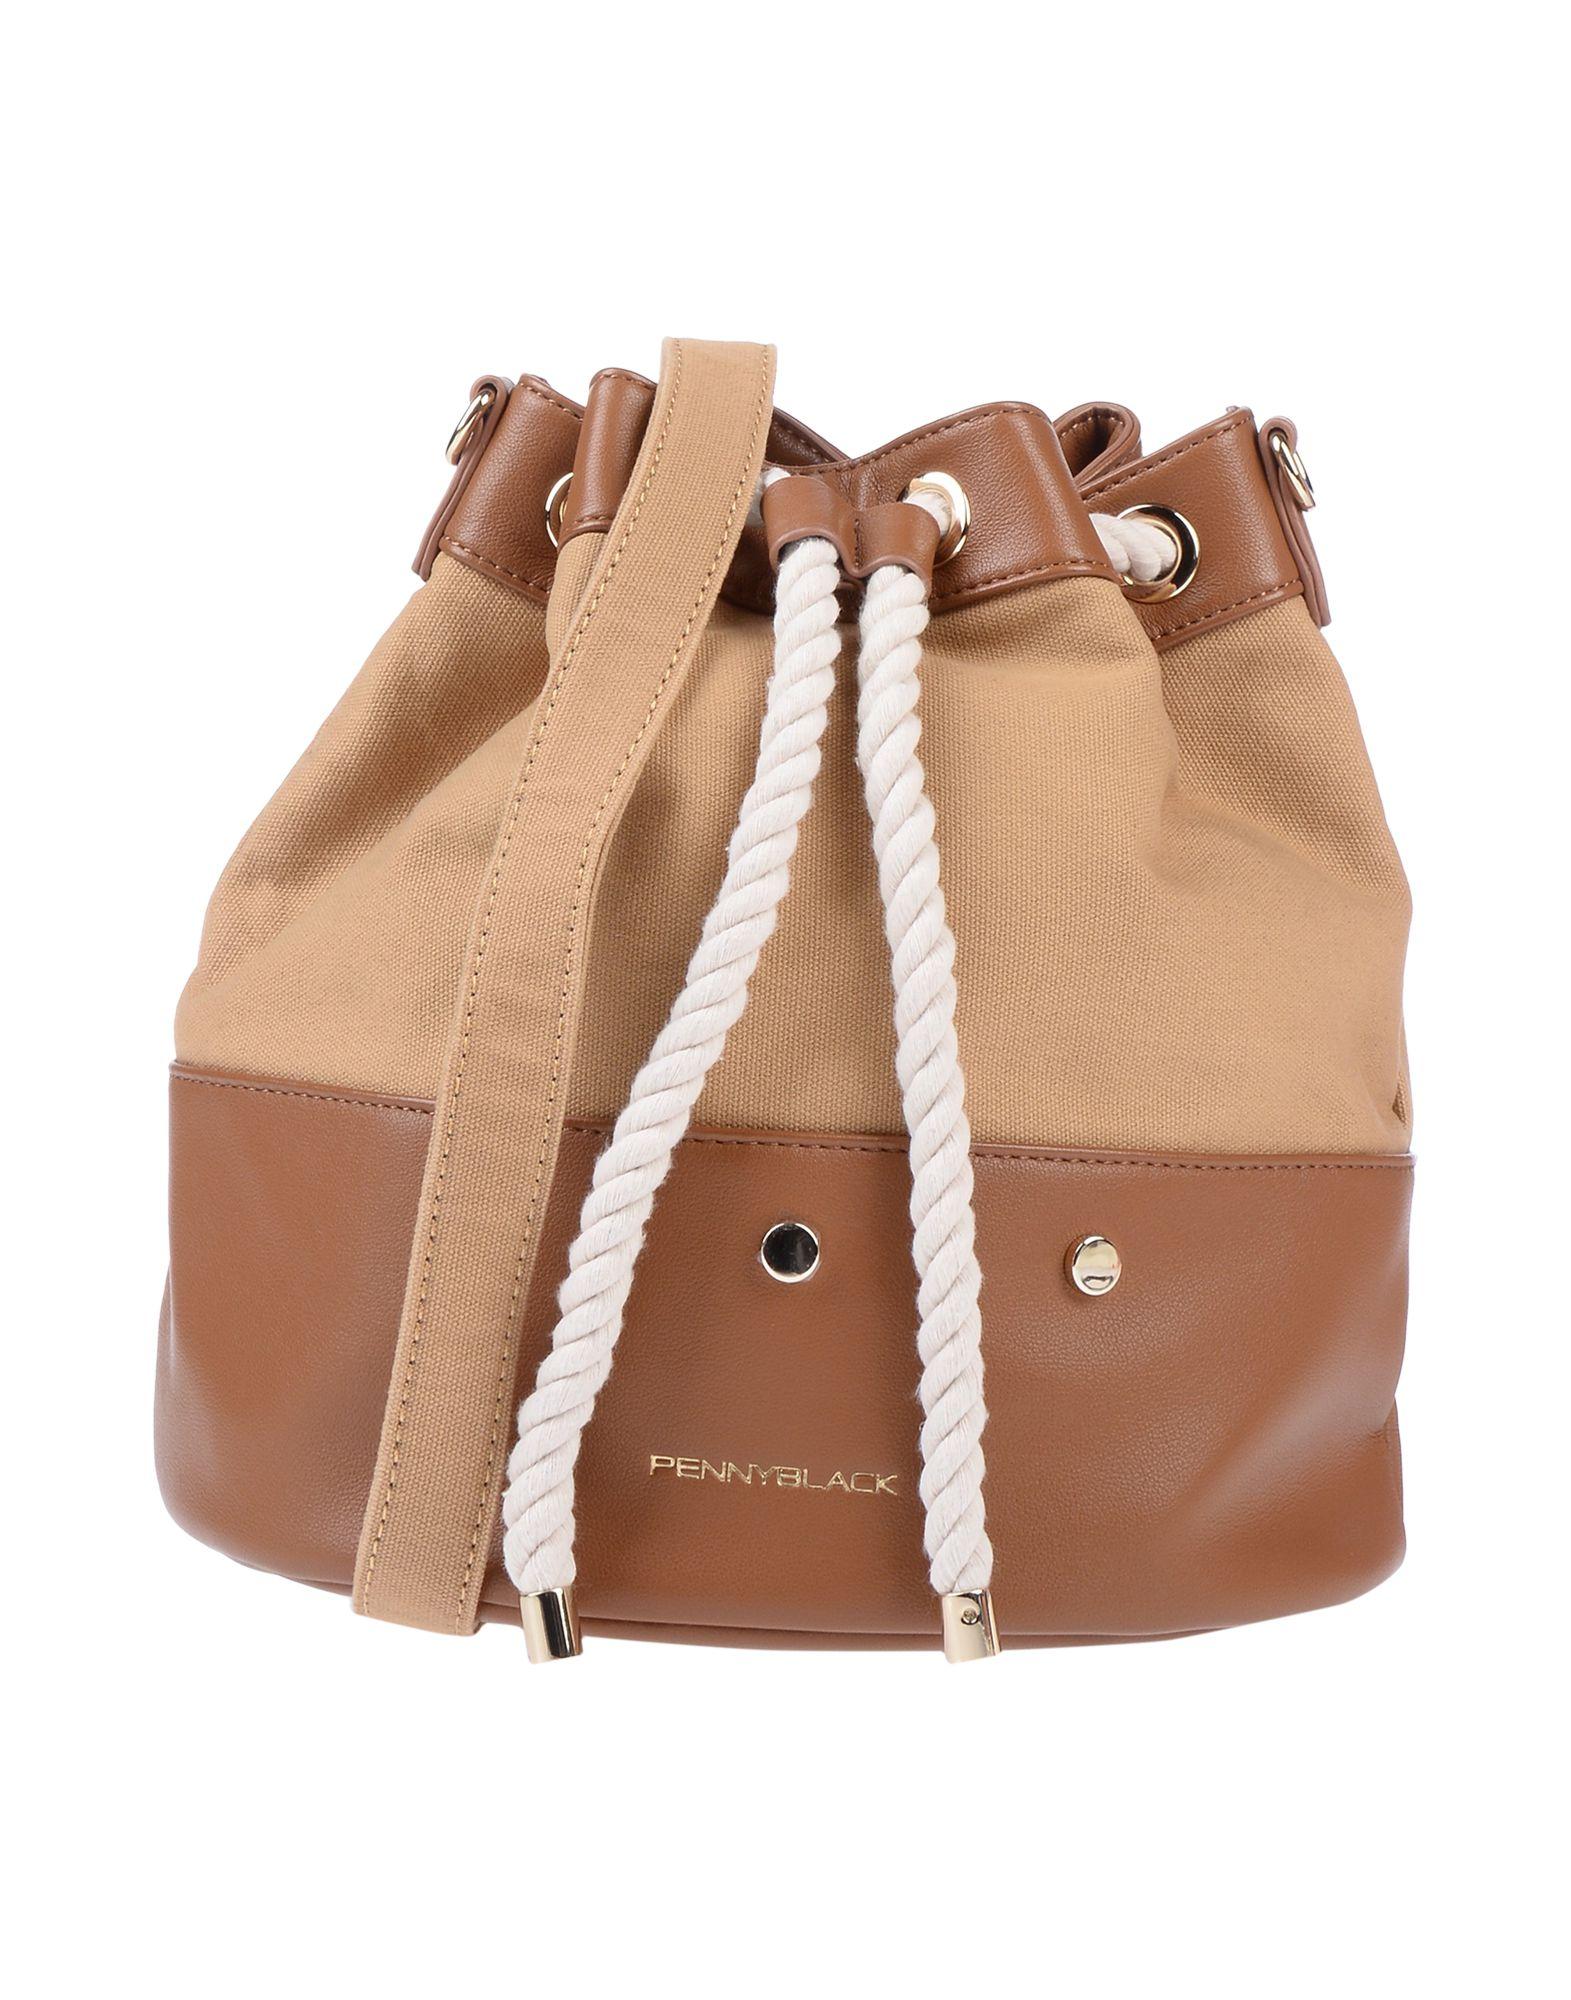 《送料無料》PENNYBLACK レディース メッセンジャーバッグ キャメル 紡績繊維